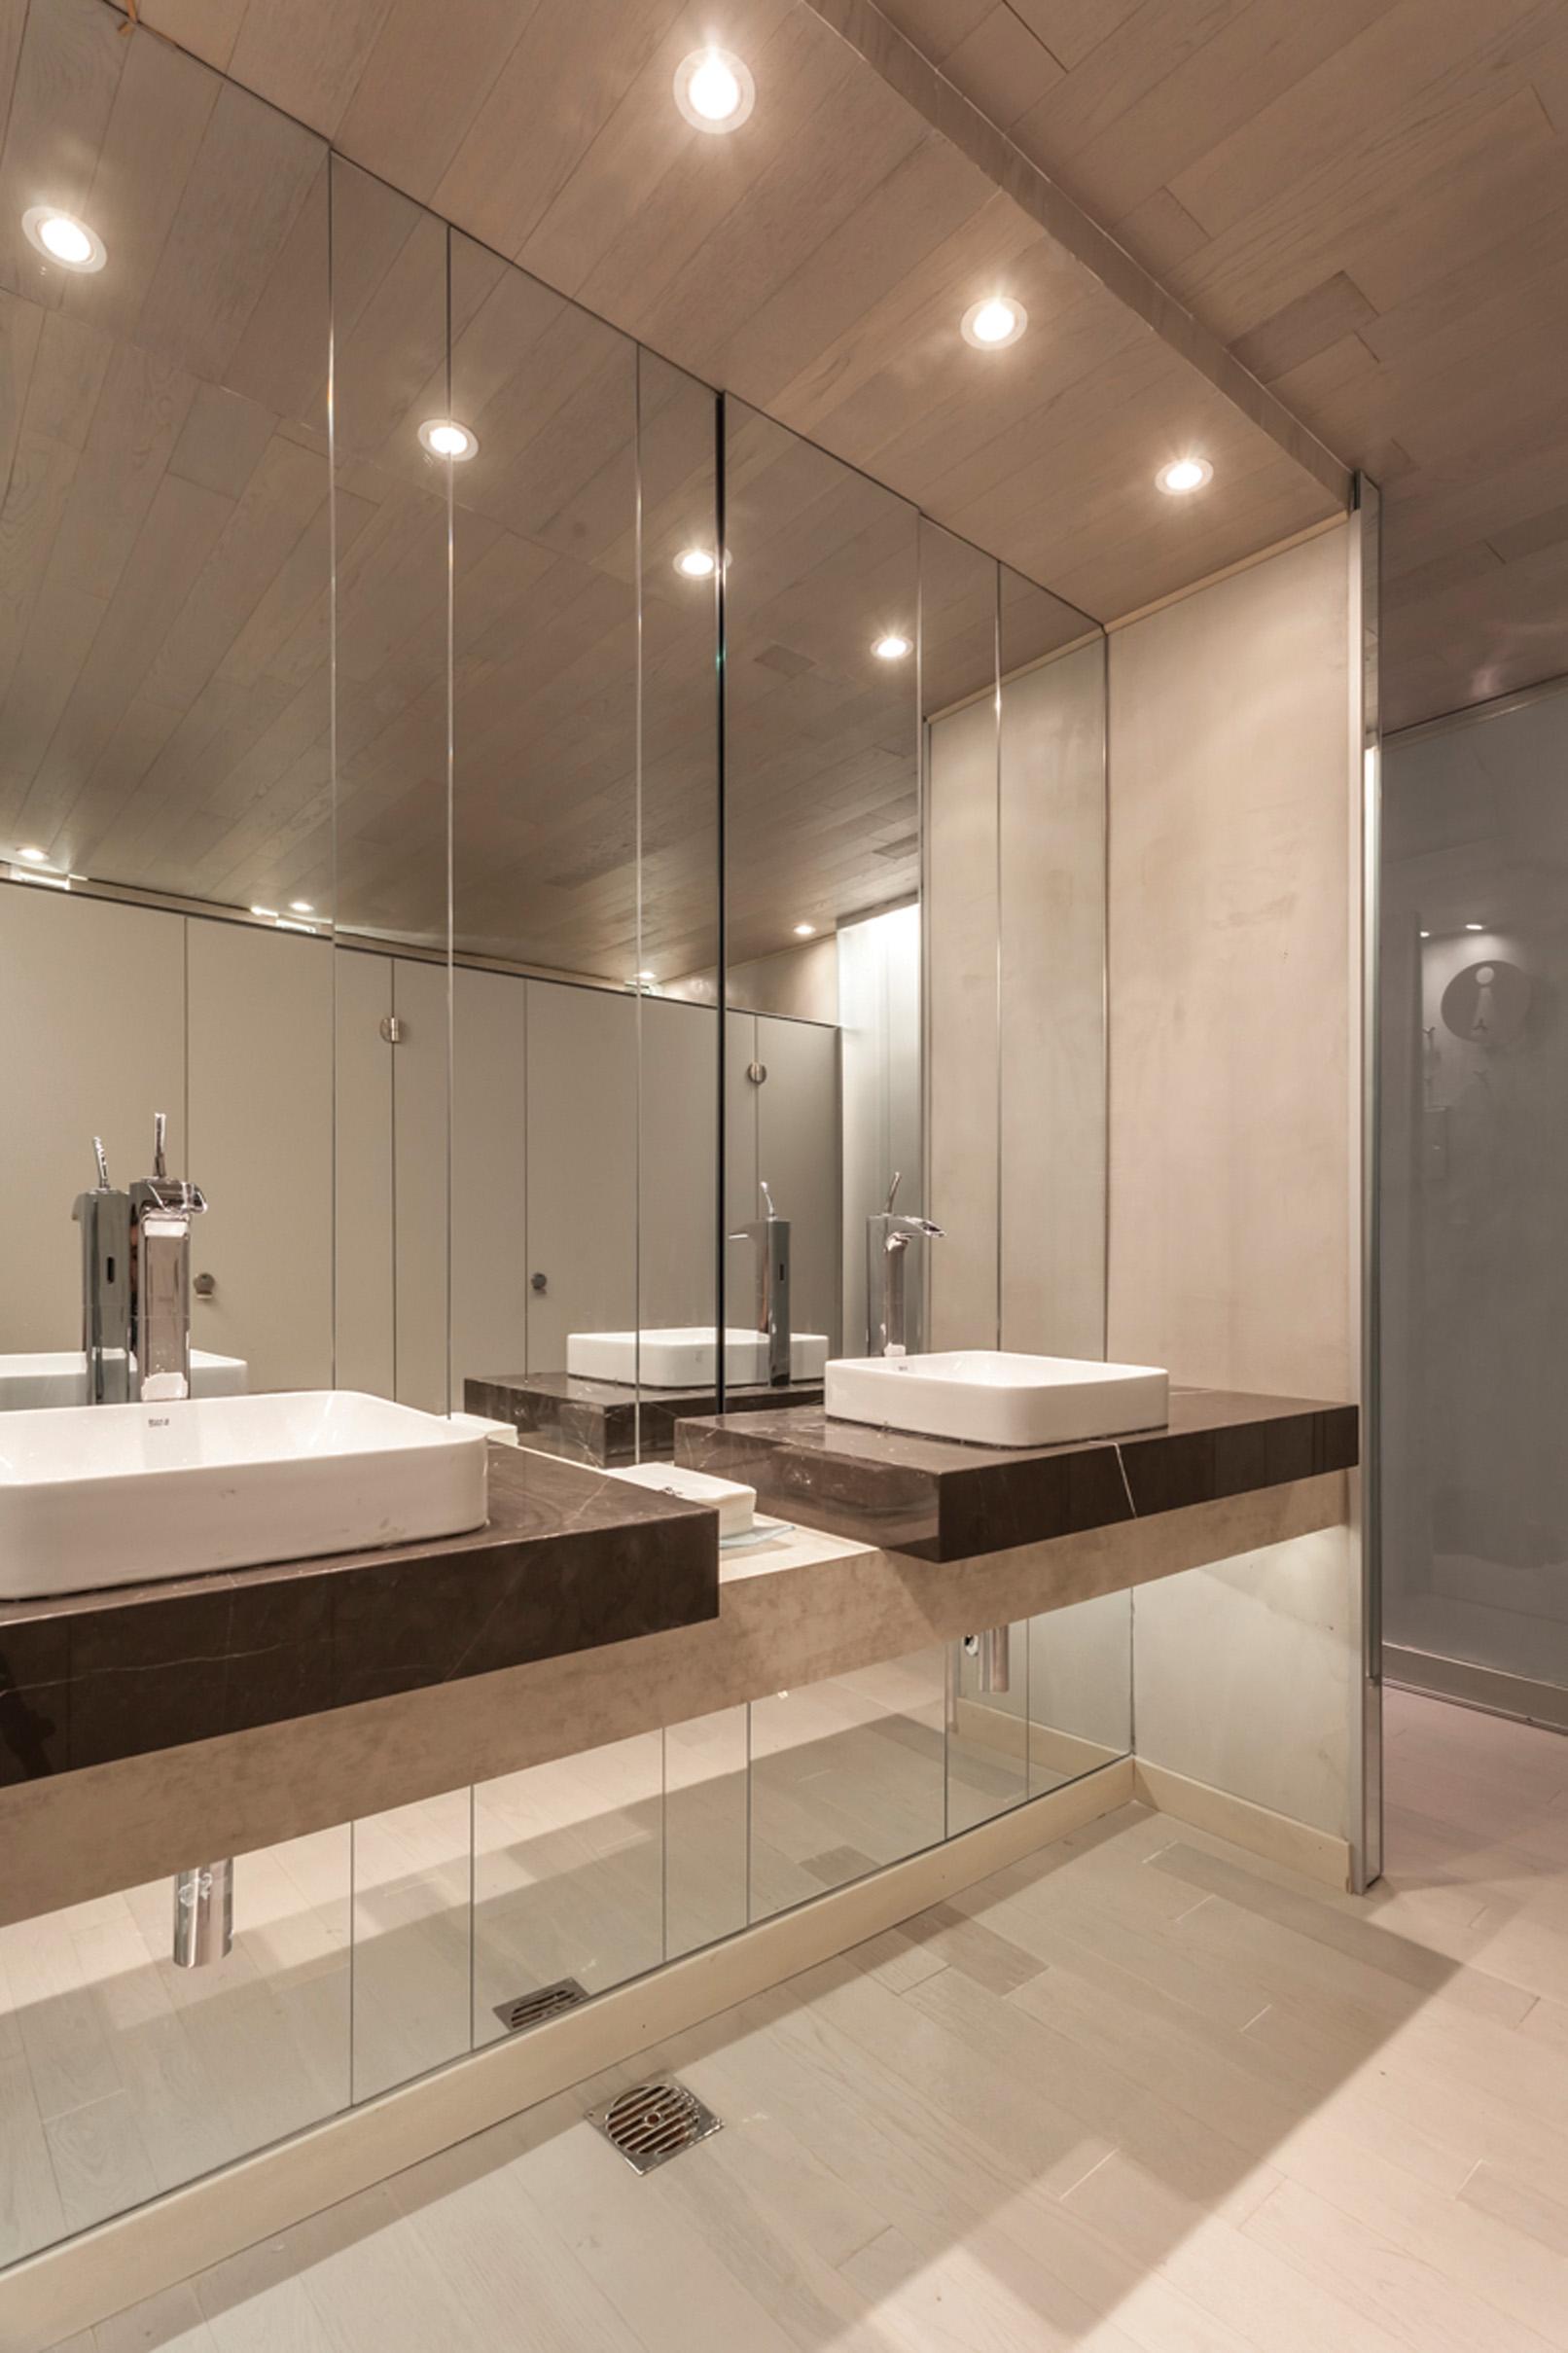 Espejo Laminado en baños